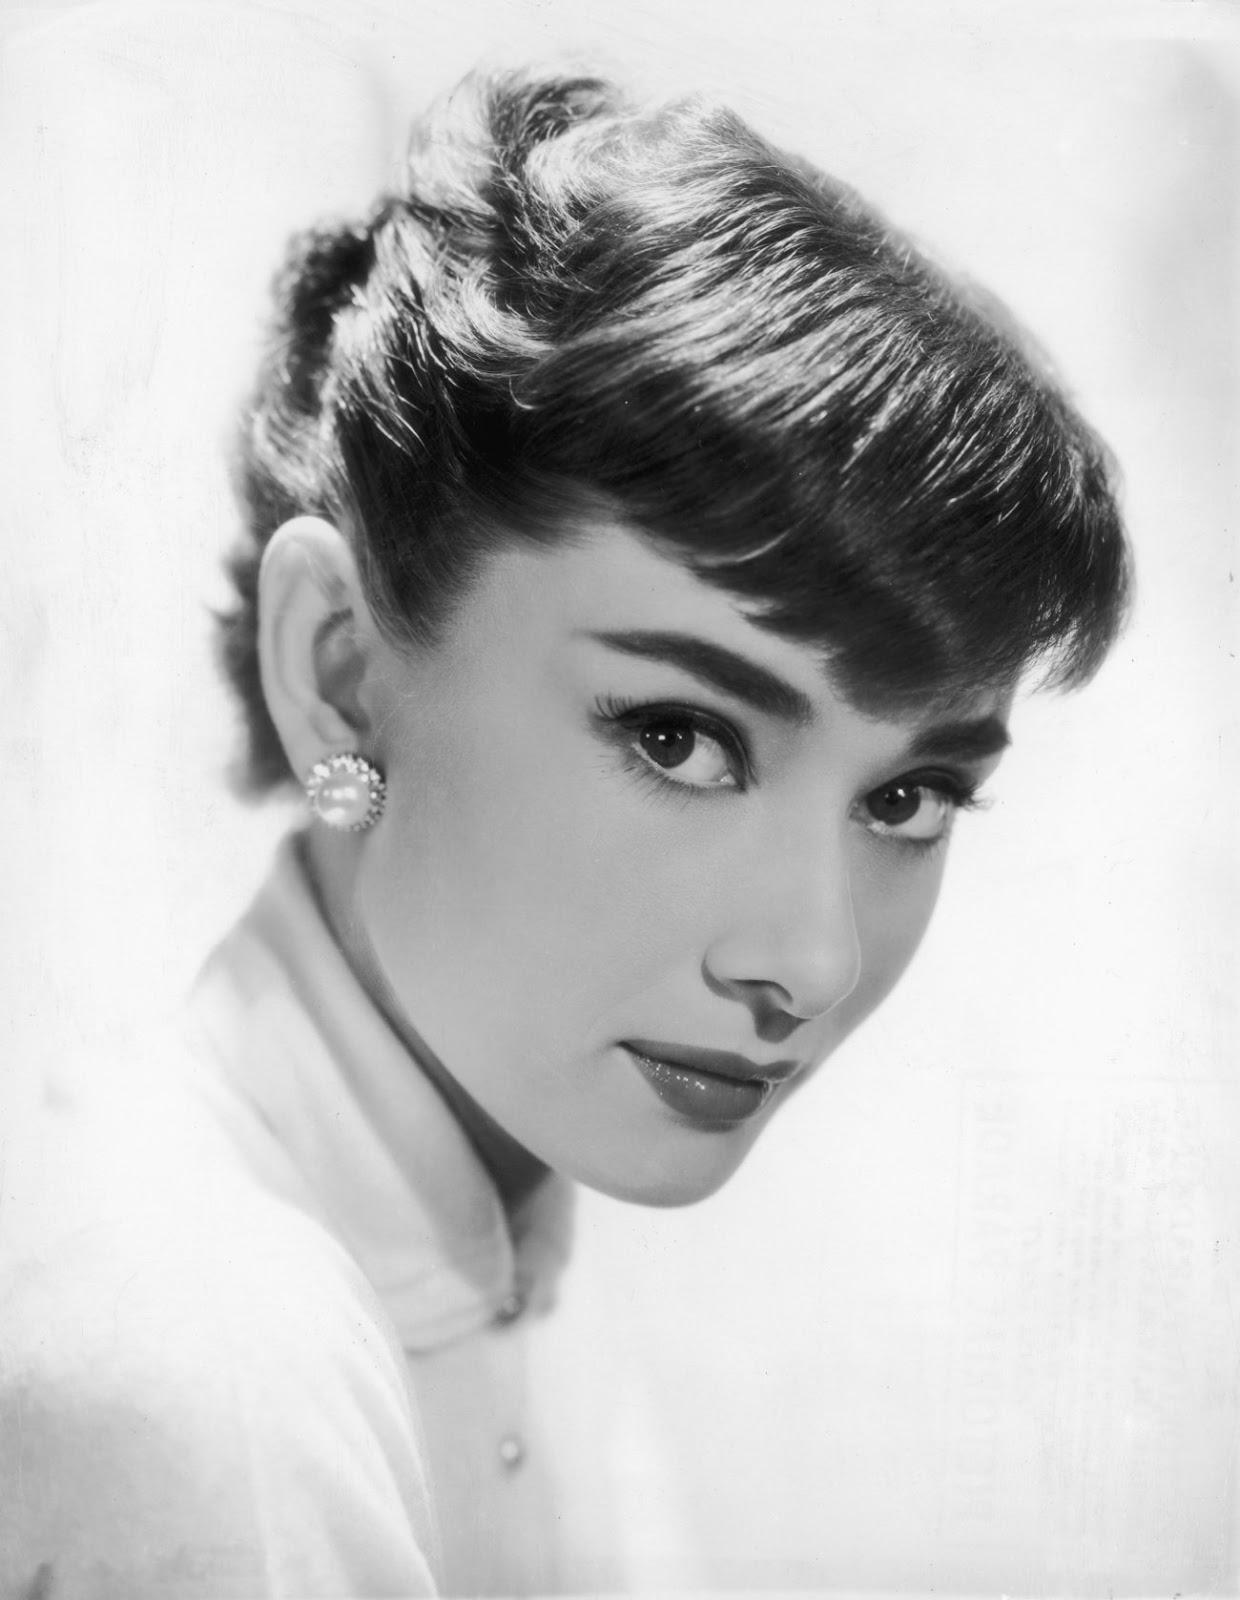 Черно белая открытка с актрисой, брюнетками